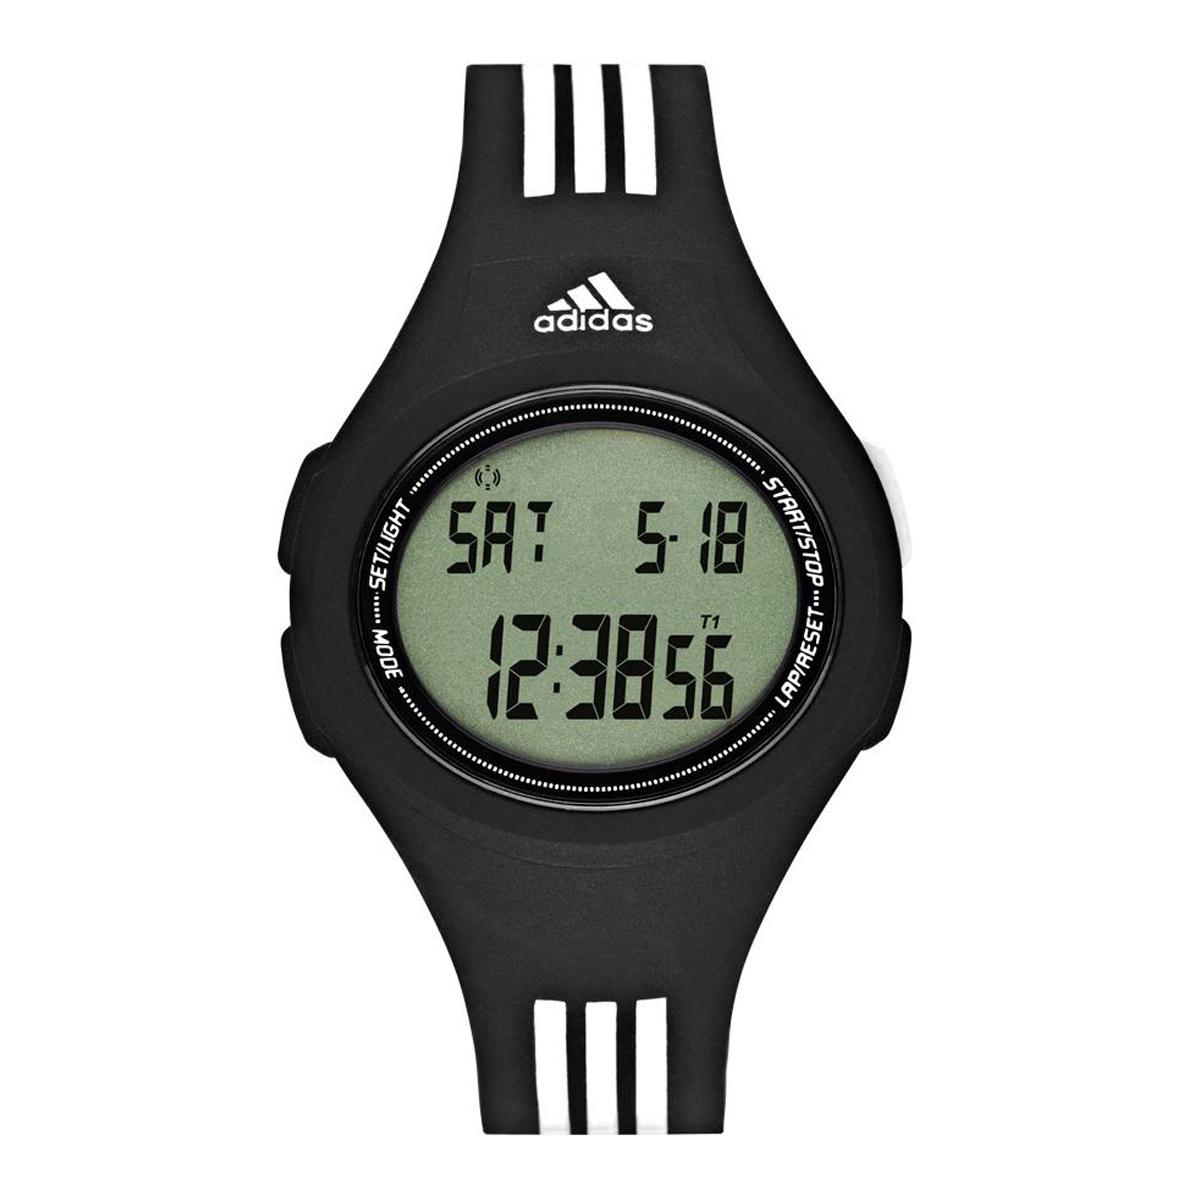 นาฬิกาผู้ชาย Adidas รุ่น ADP3174, Uraha